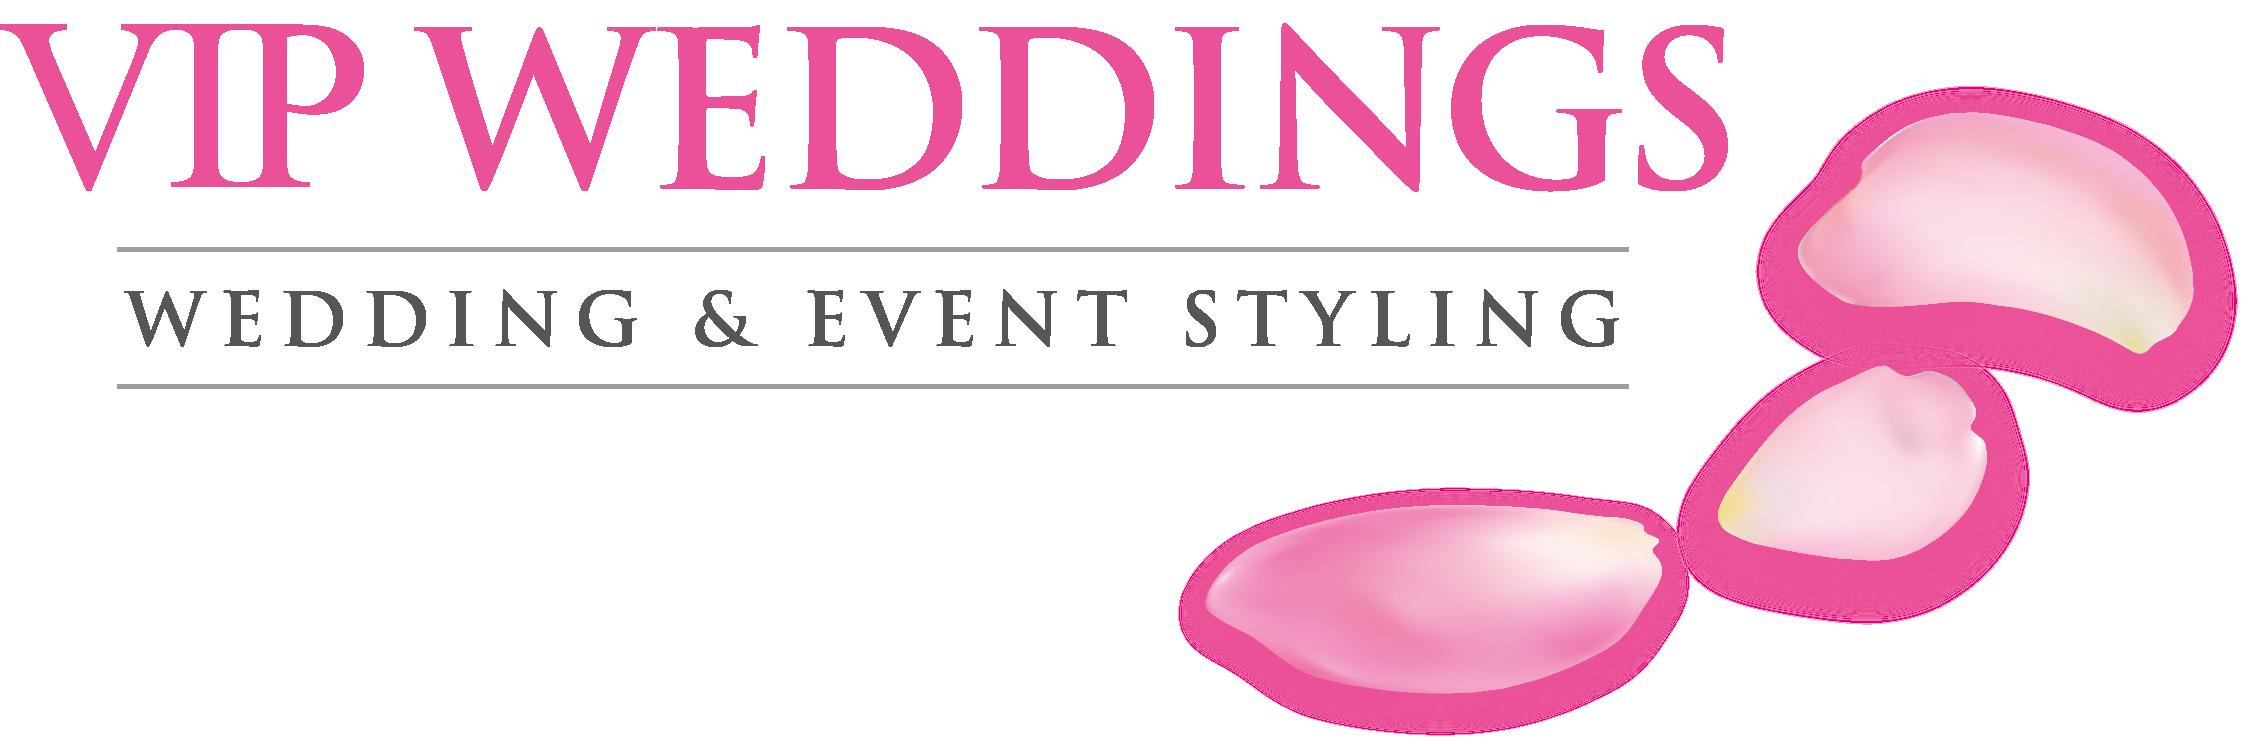 VIP Weddings